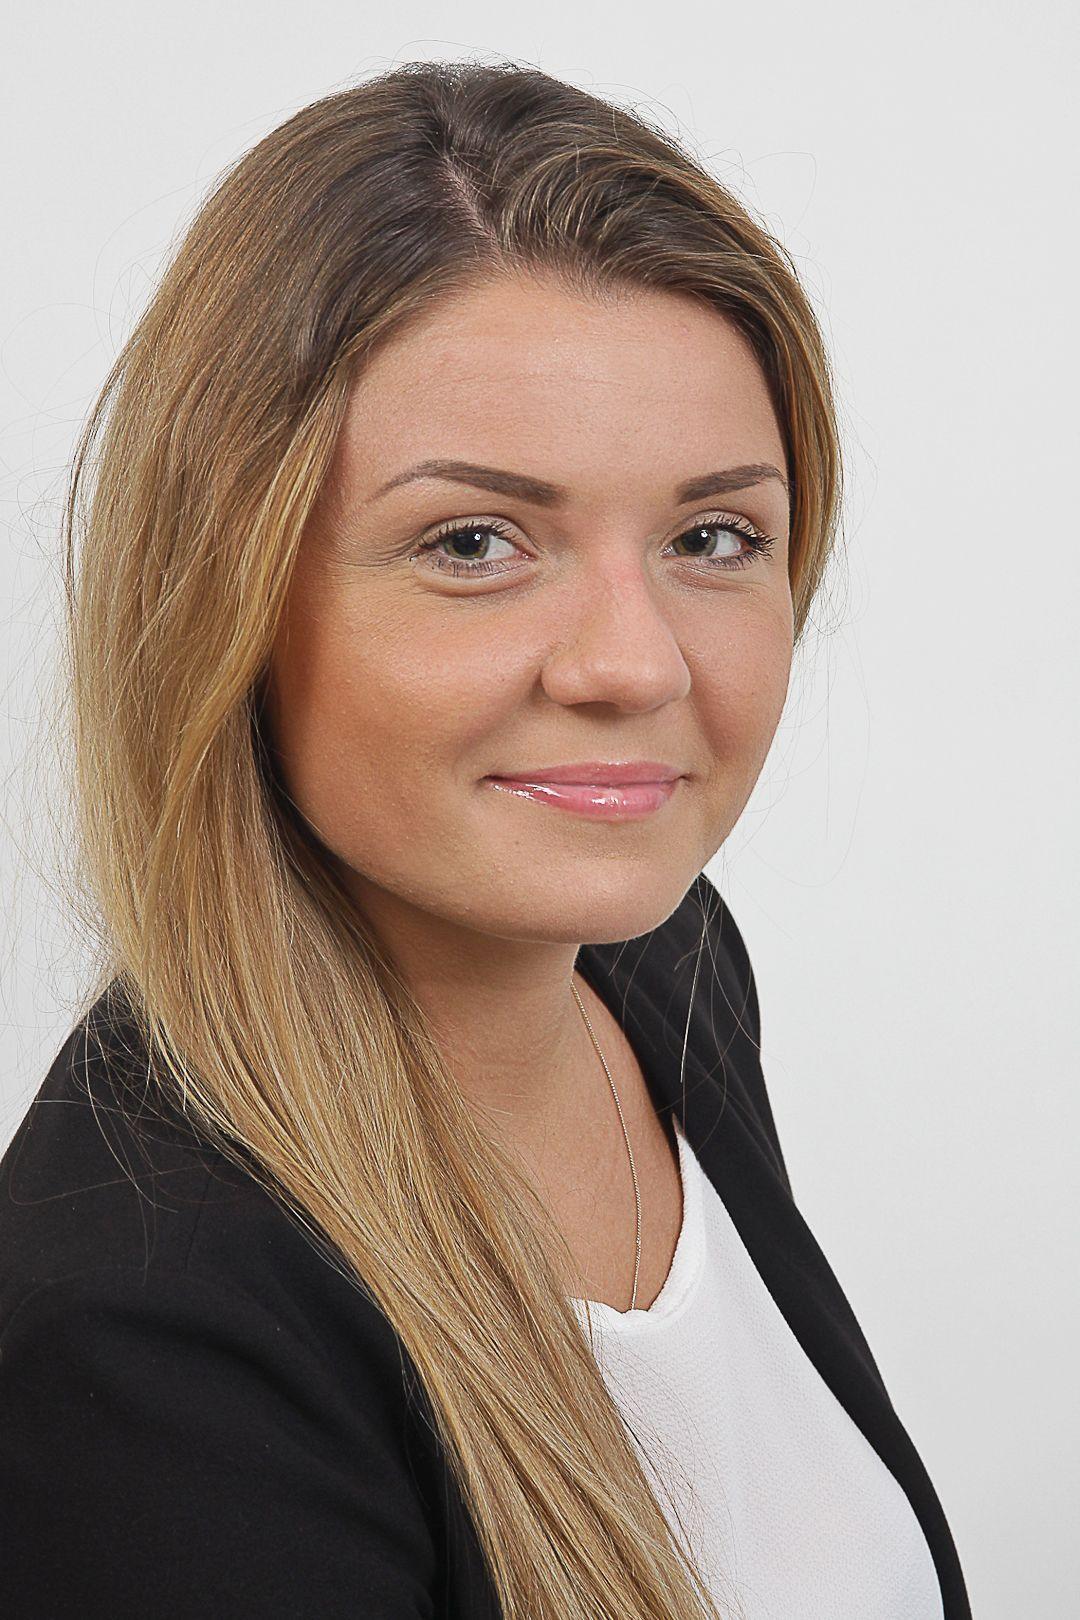 Michelle Preidel